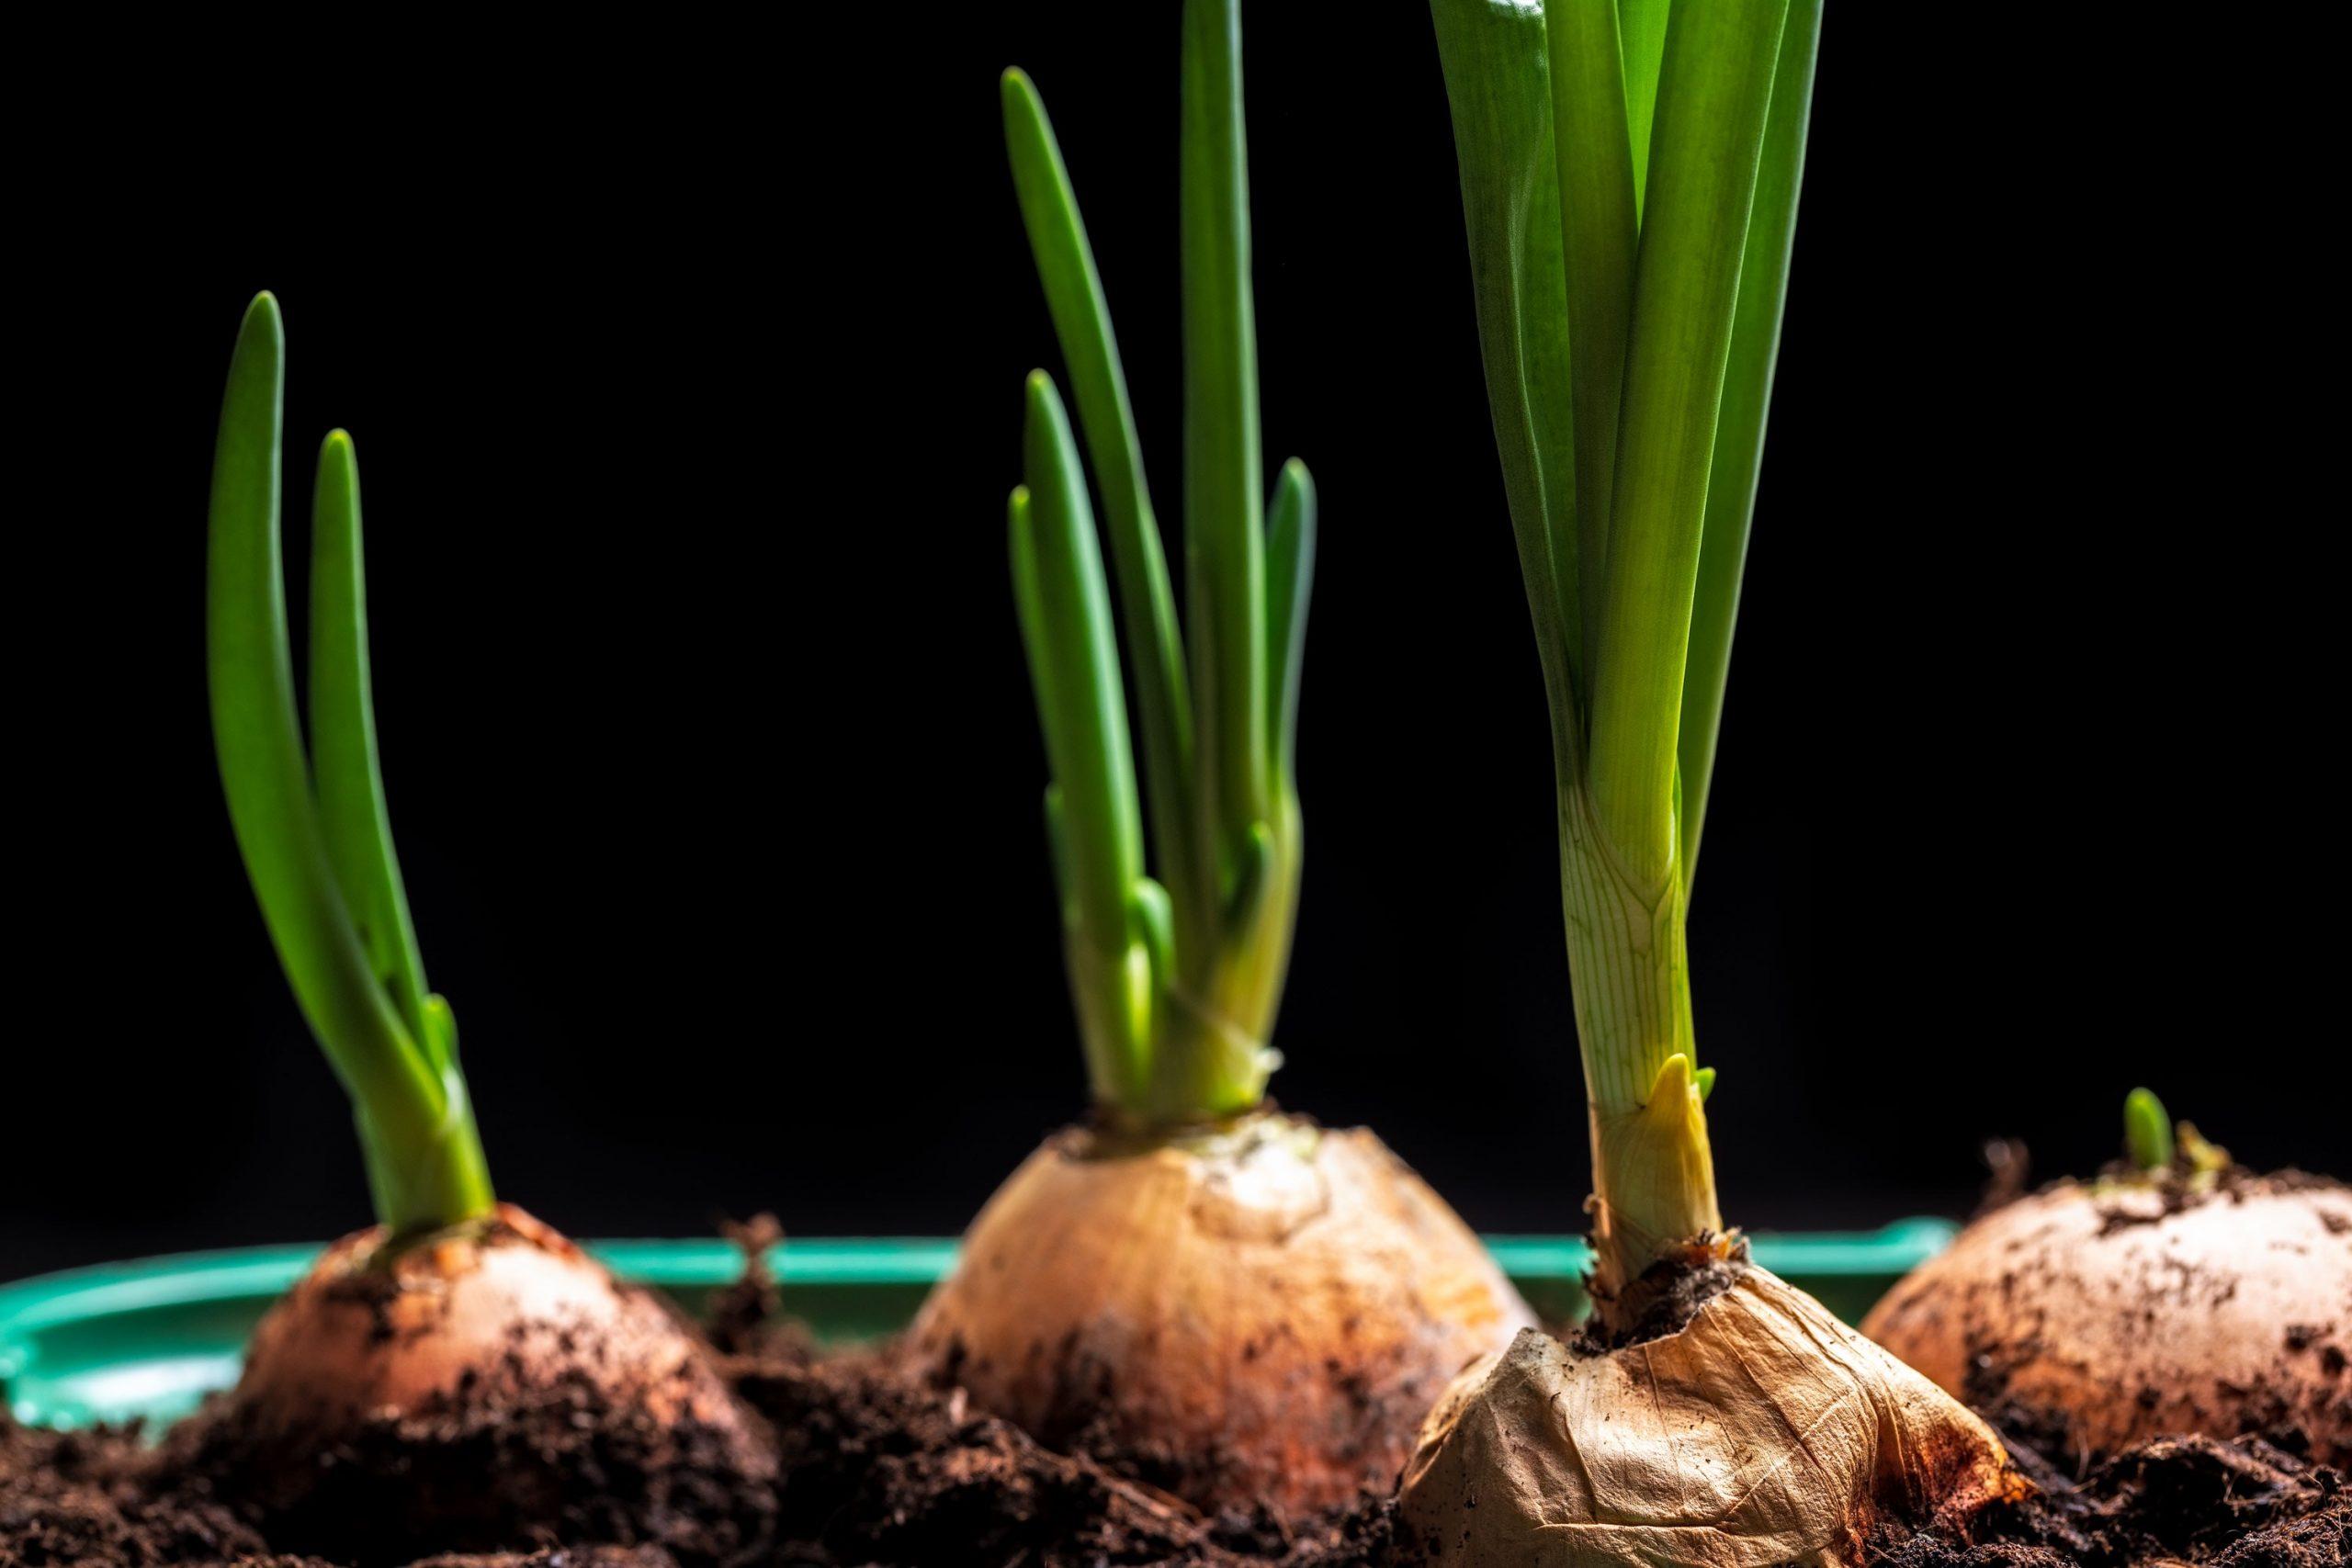 Uprawa cebuli z dymki - co musisz wiedzieć?